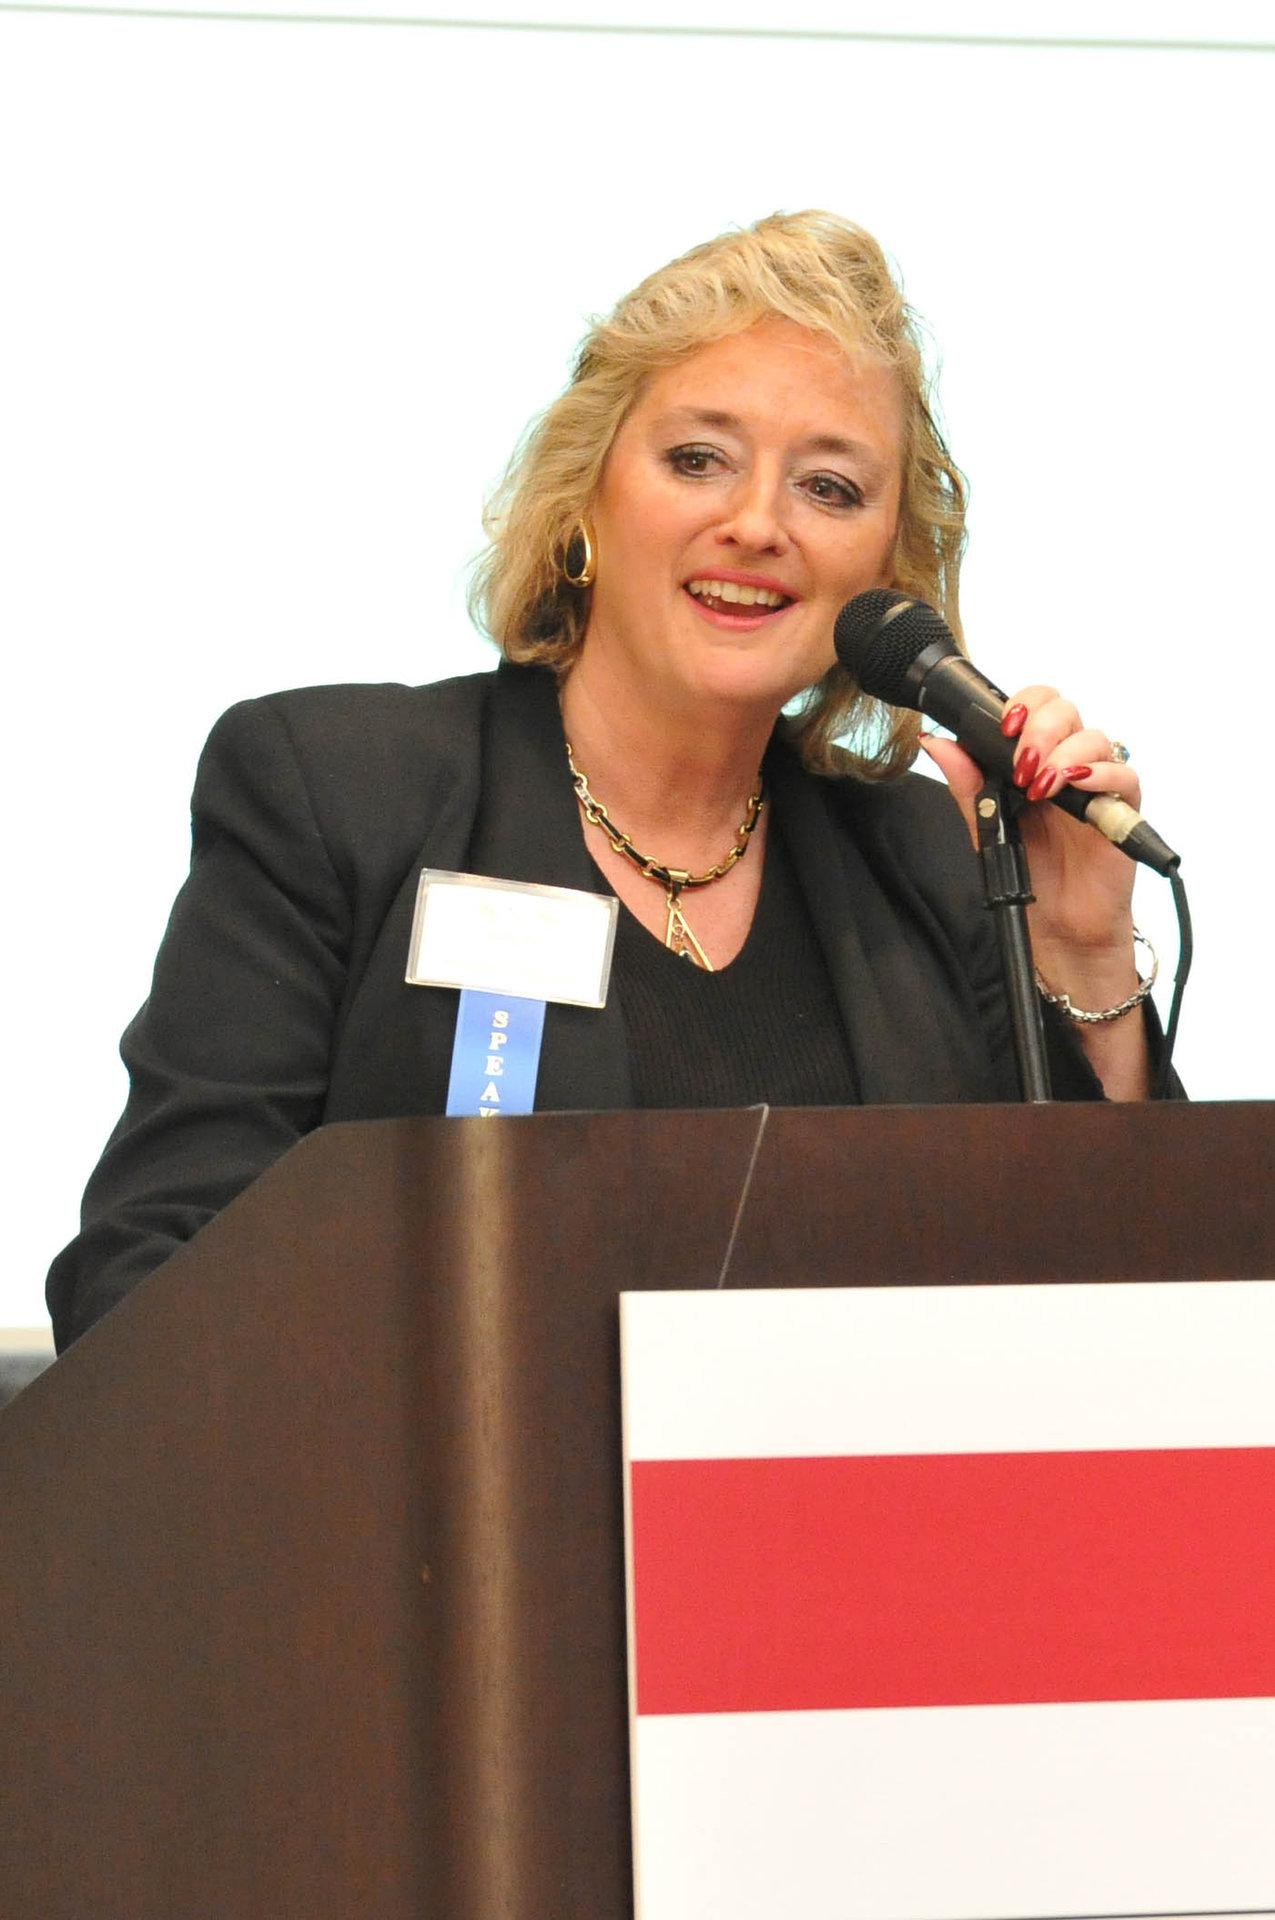 Lucinda Ruch, SSS Emcee & Organizer